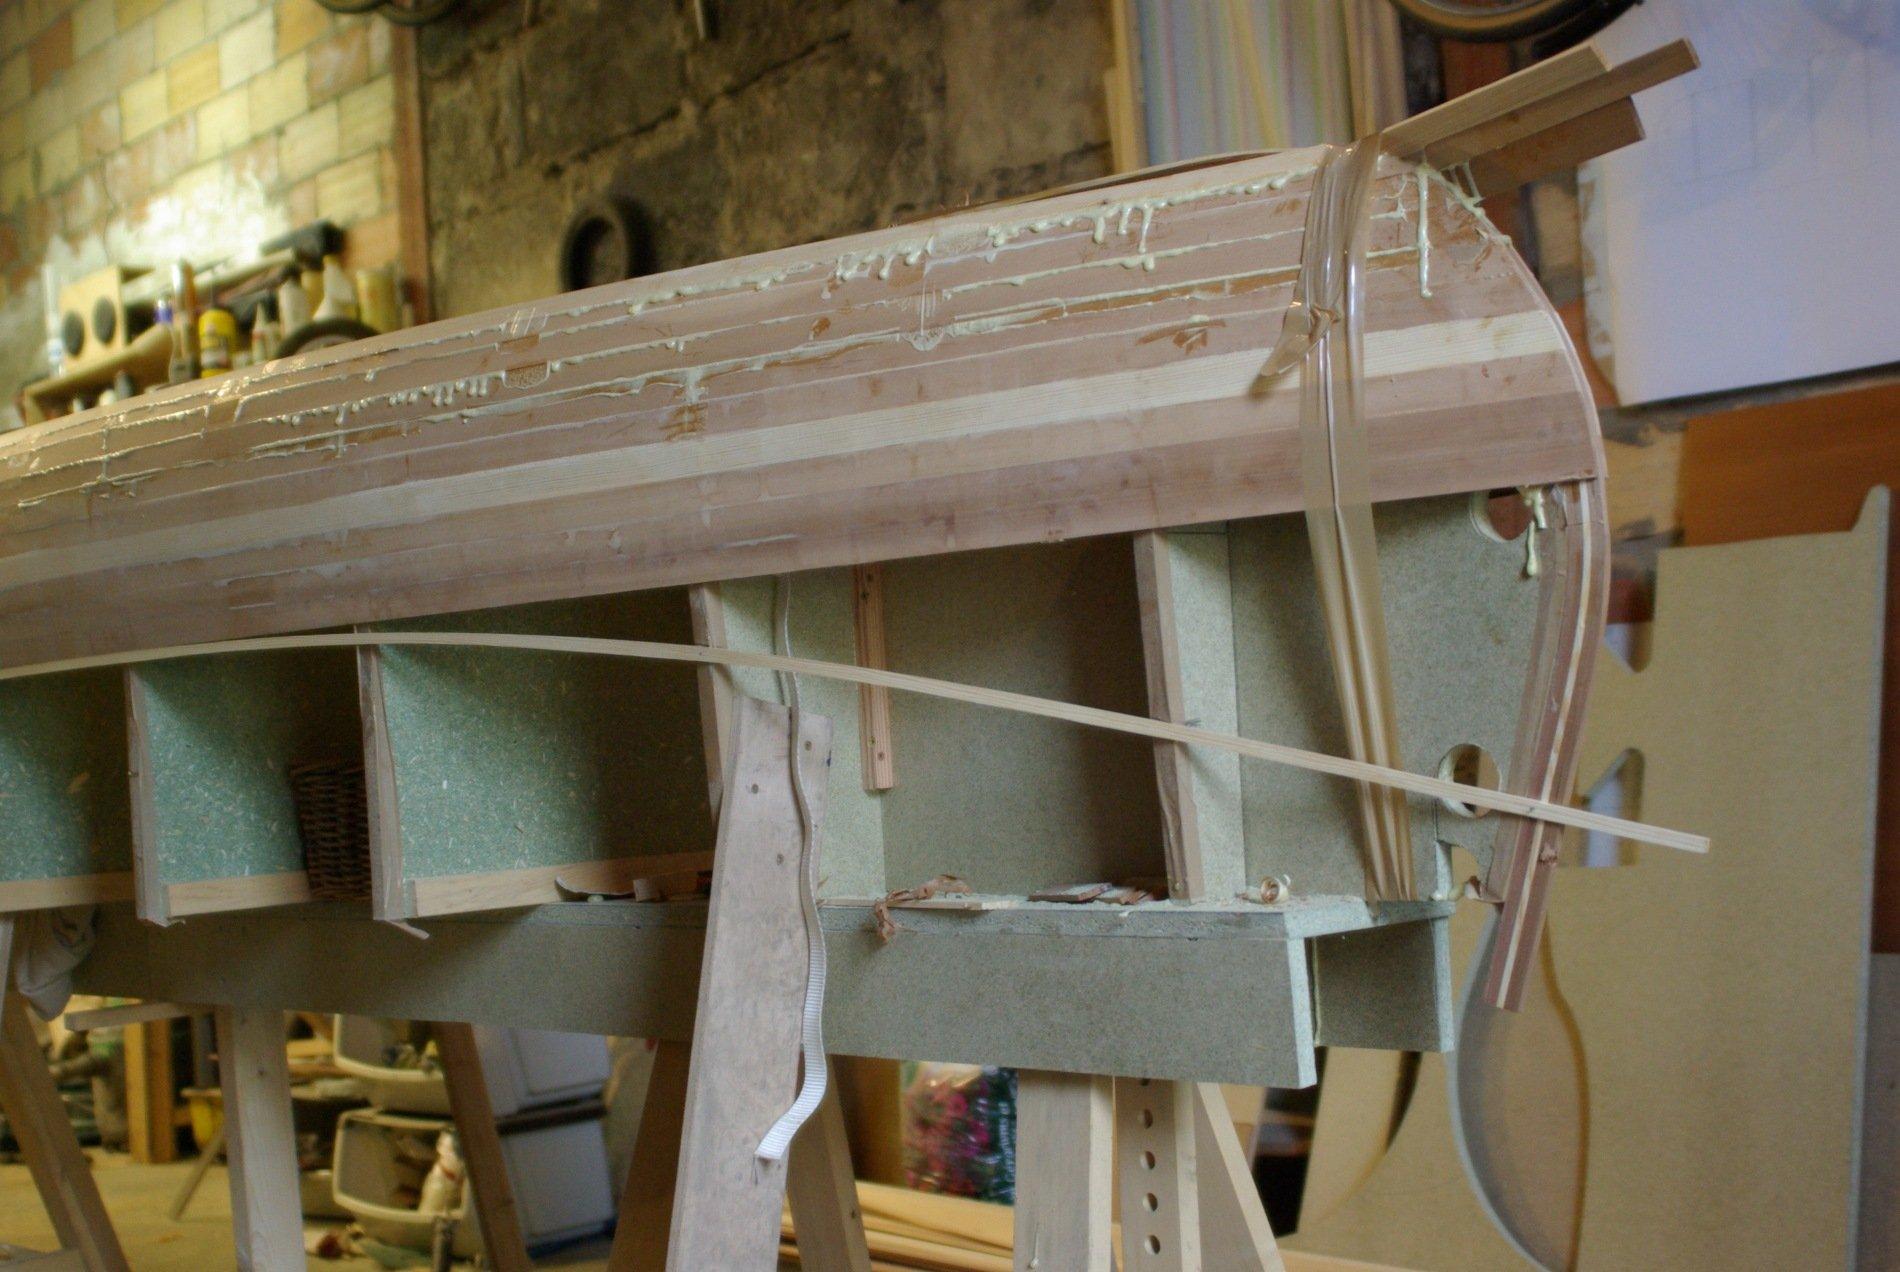 Construire son cano en bois - Travail du bois pour debutant ...